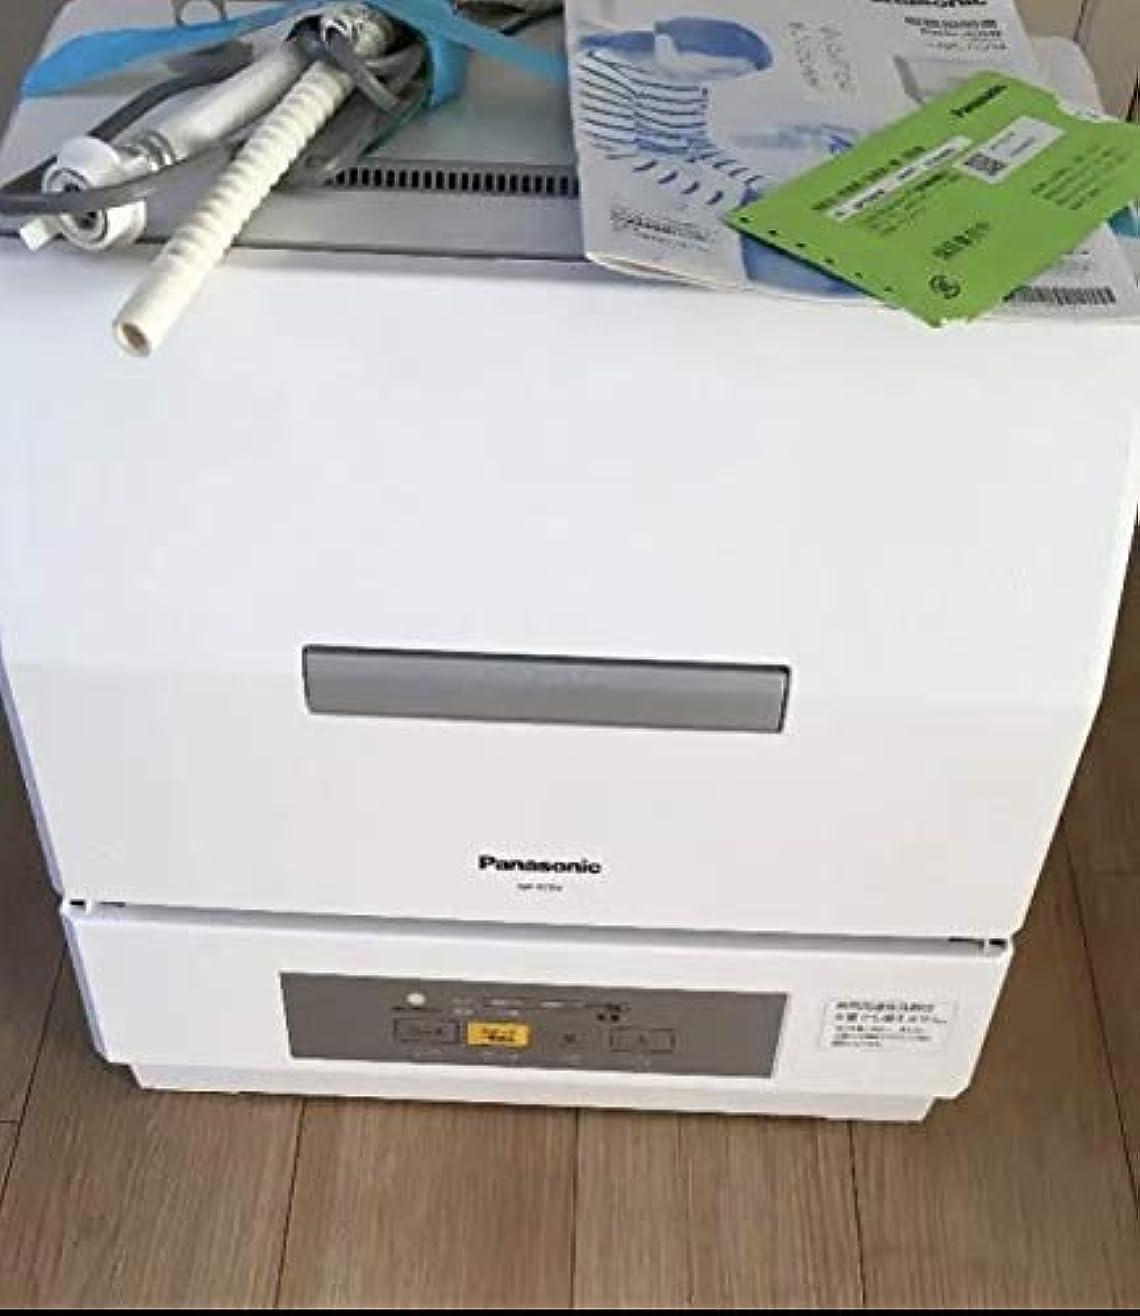 ウイルス複製するゲートパナソニック 食器洗い乾燥機(ホワイト)【食洗機】 Panasonic プチ食洗 NP-TCR4-W